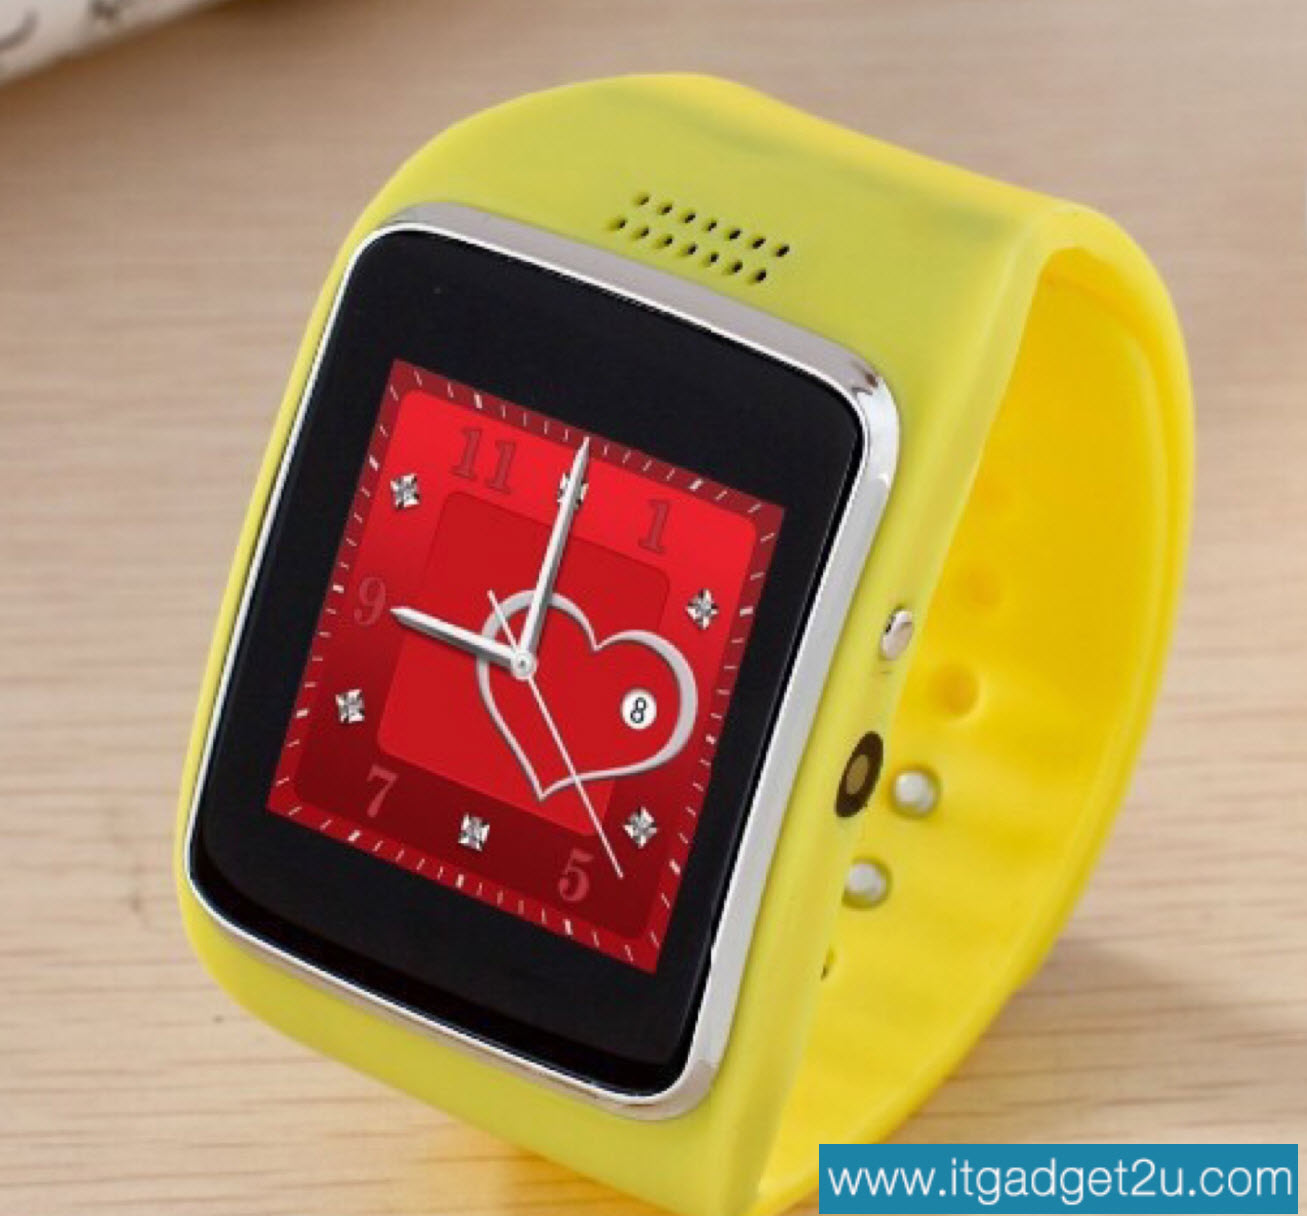 นาฬิกาโทรศัพท์ Smartwatch รุ่น Ai Watch Phone สีเหลือง ลดเหลือ 1,950 บาท ปกติราคา 3,450